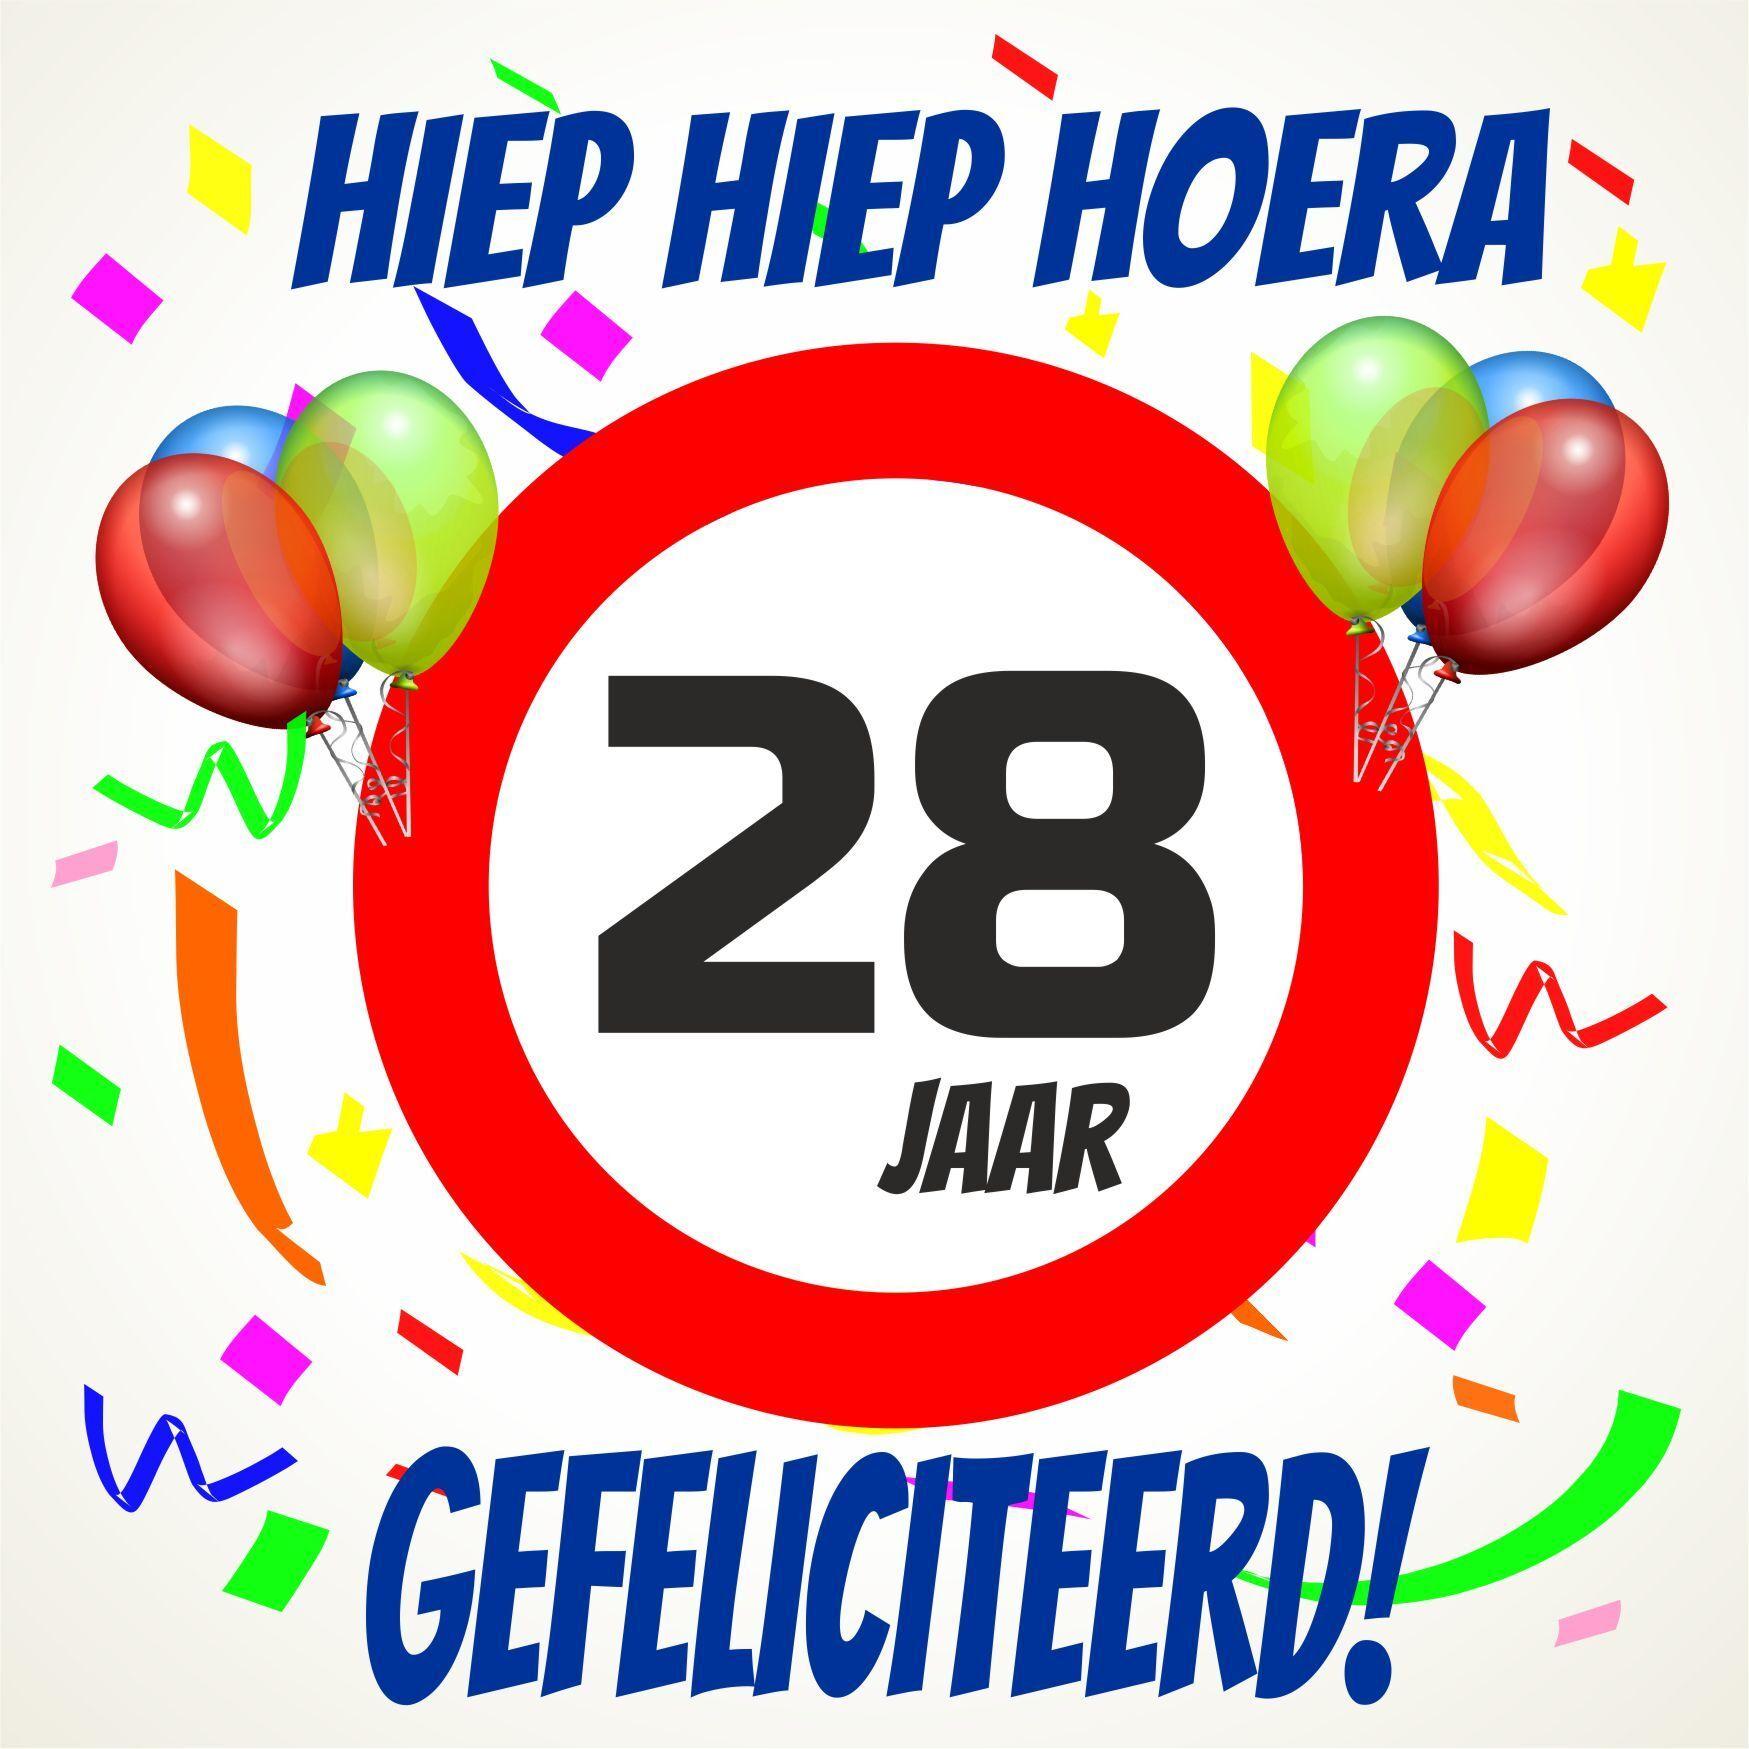 28 jaar verjaardag 28 Jaar Verjaardag Grappig   ARCHIDEV 28 jaar verjaardag